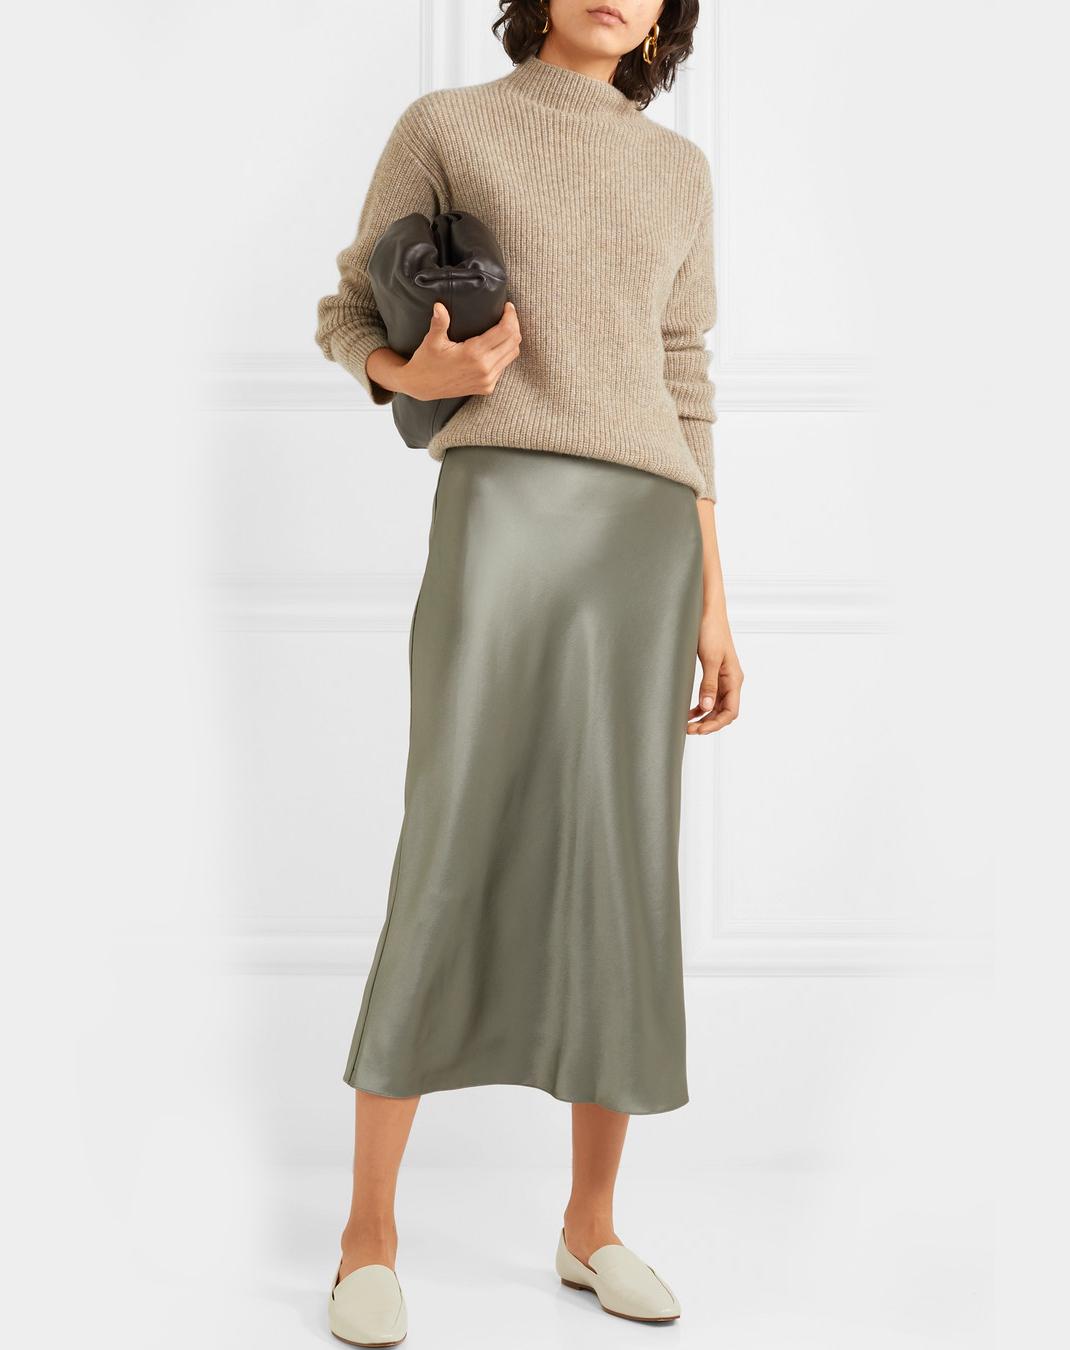 γυναίκα με σατέν φούστα Deveaux